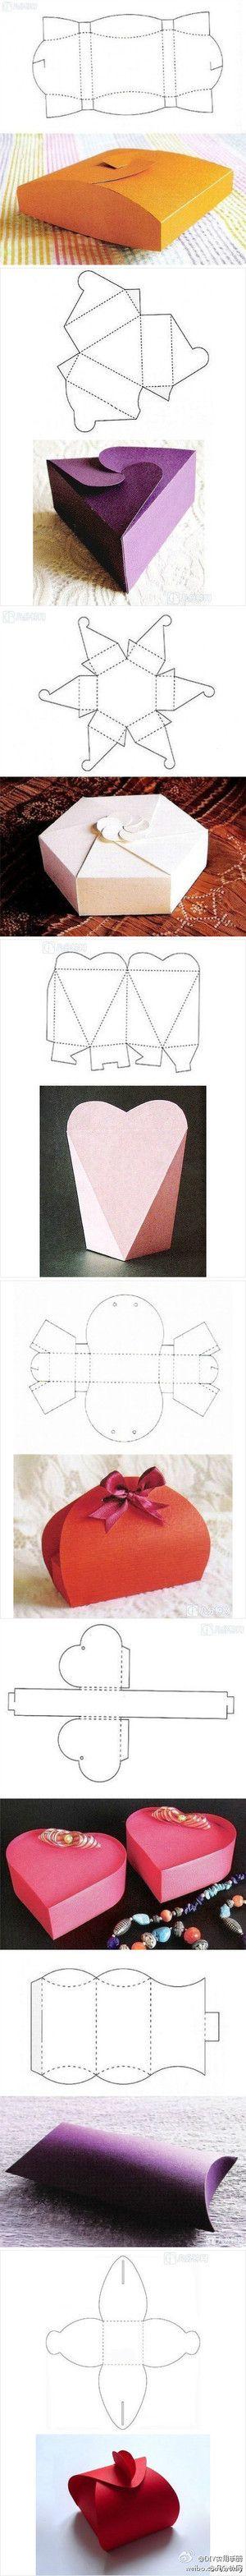 礼物盒~ - 堆糖 发现生活_收集美好_分享图片